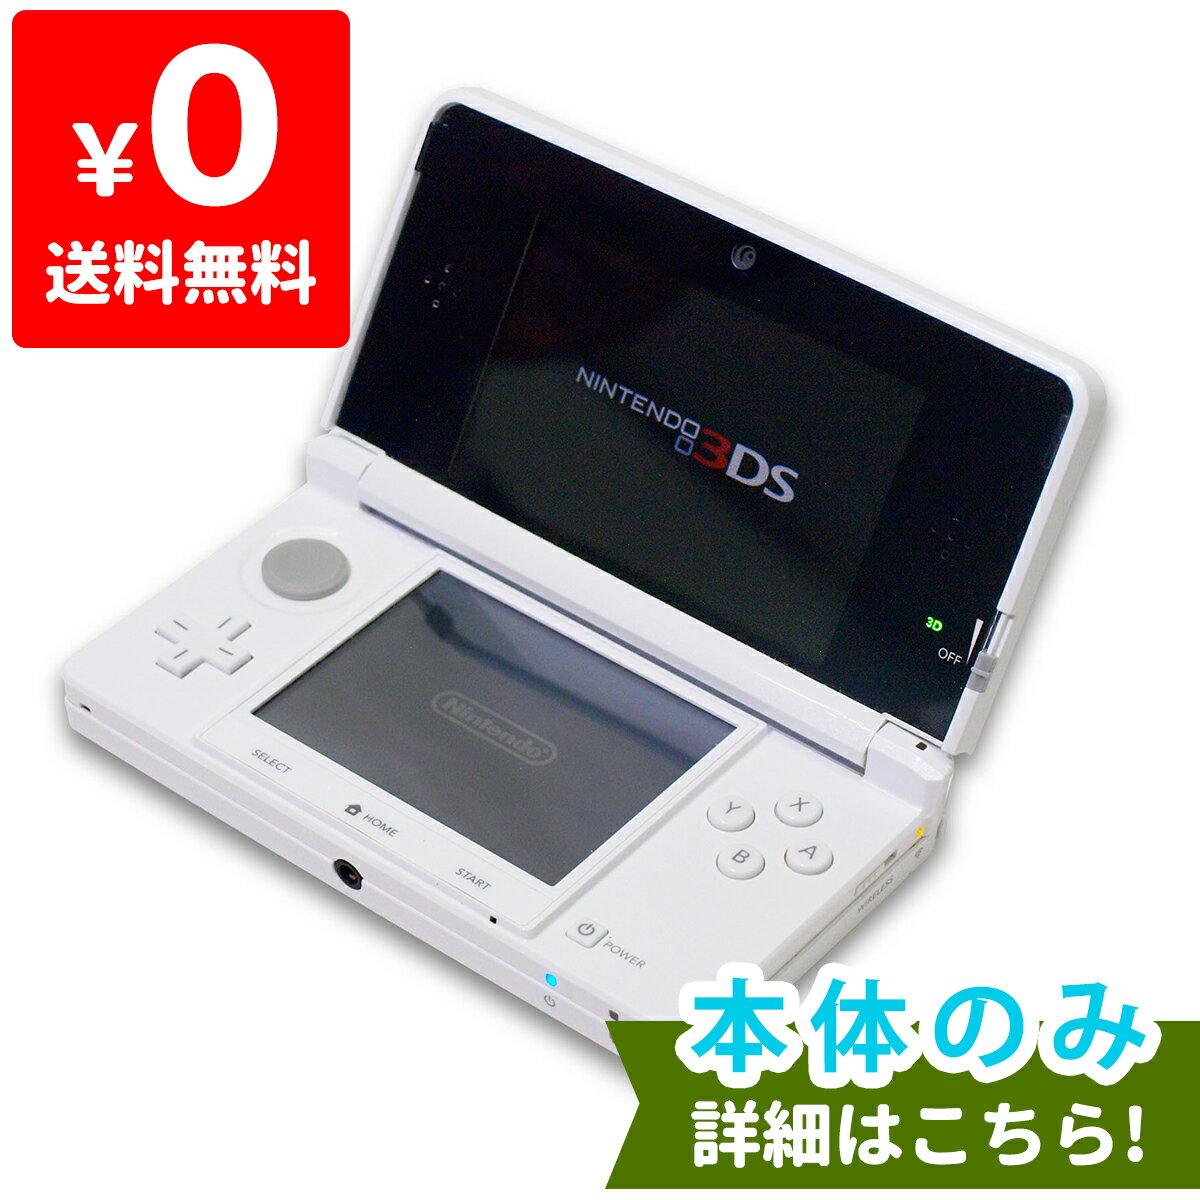 3DS ニンテンドー3DS ピュアホワイト 本体のみ タッチペン付き Nintendo 任天堂 ニンテンドー 中古 4902370520798 送料無料 【中古】